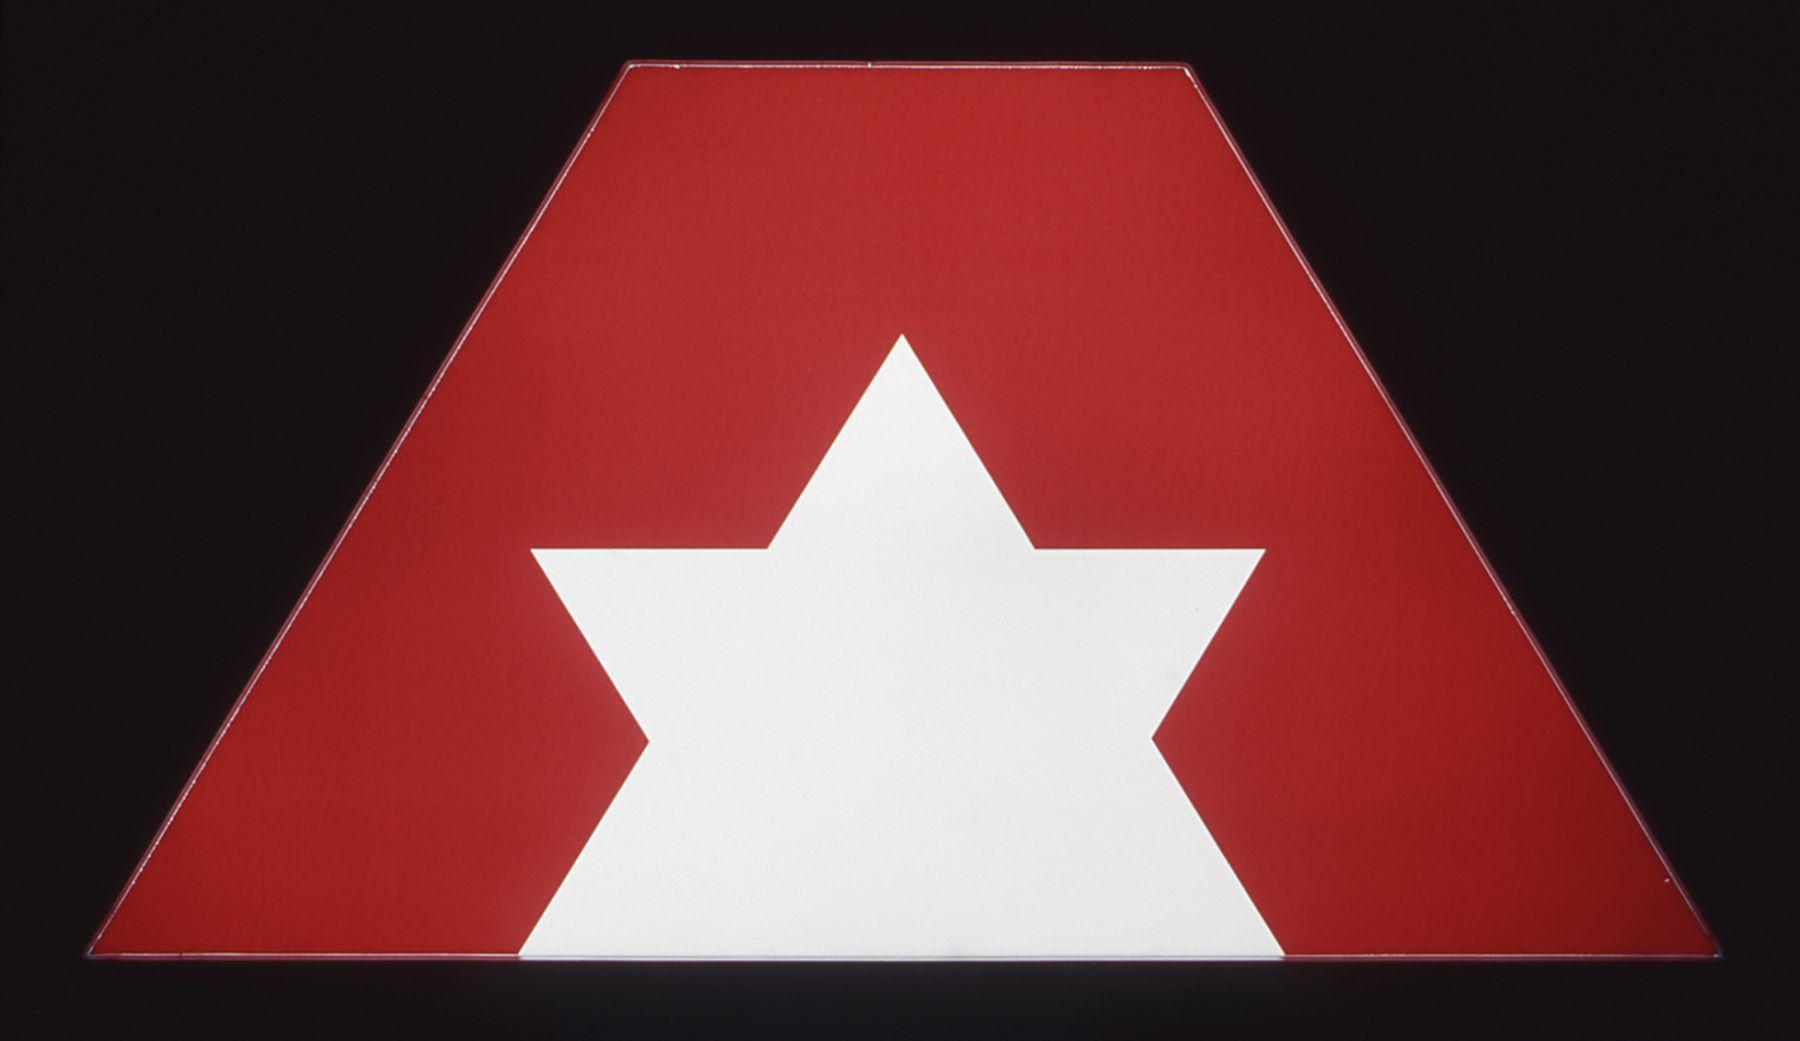 Daniel Pflumm  Untitled (Advantage Rent a Car), 2001 Lightbox 26 x 48 x 6 inches (66 x 121.92 x 15.24)